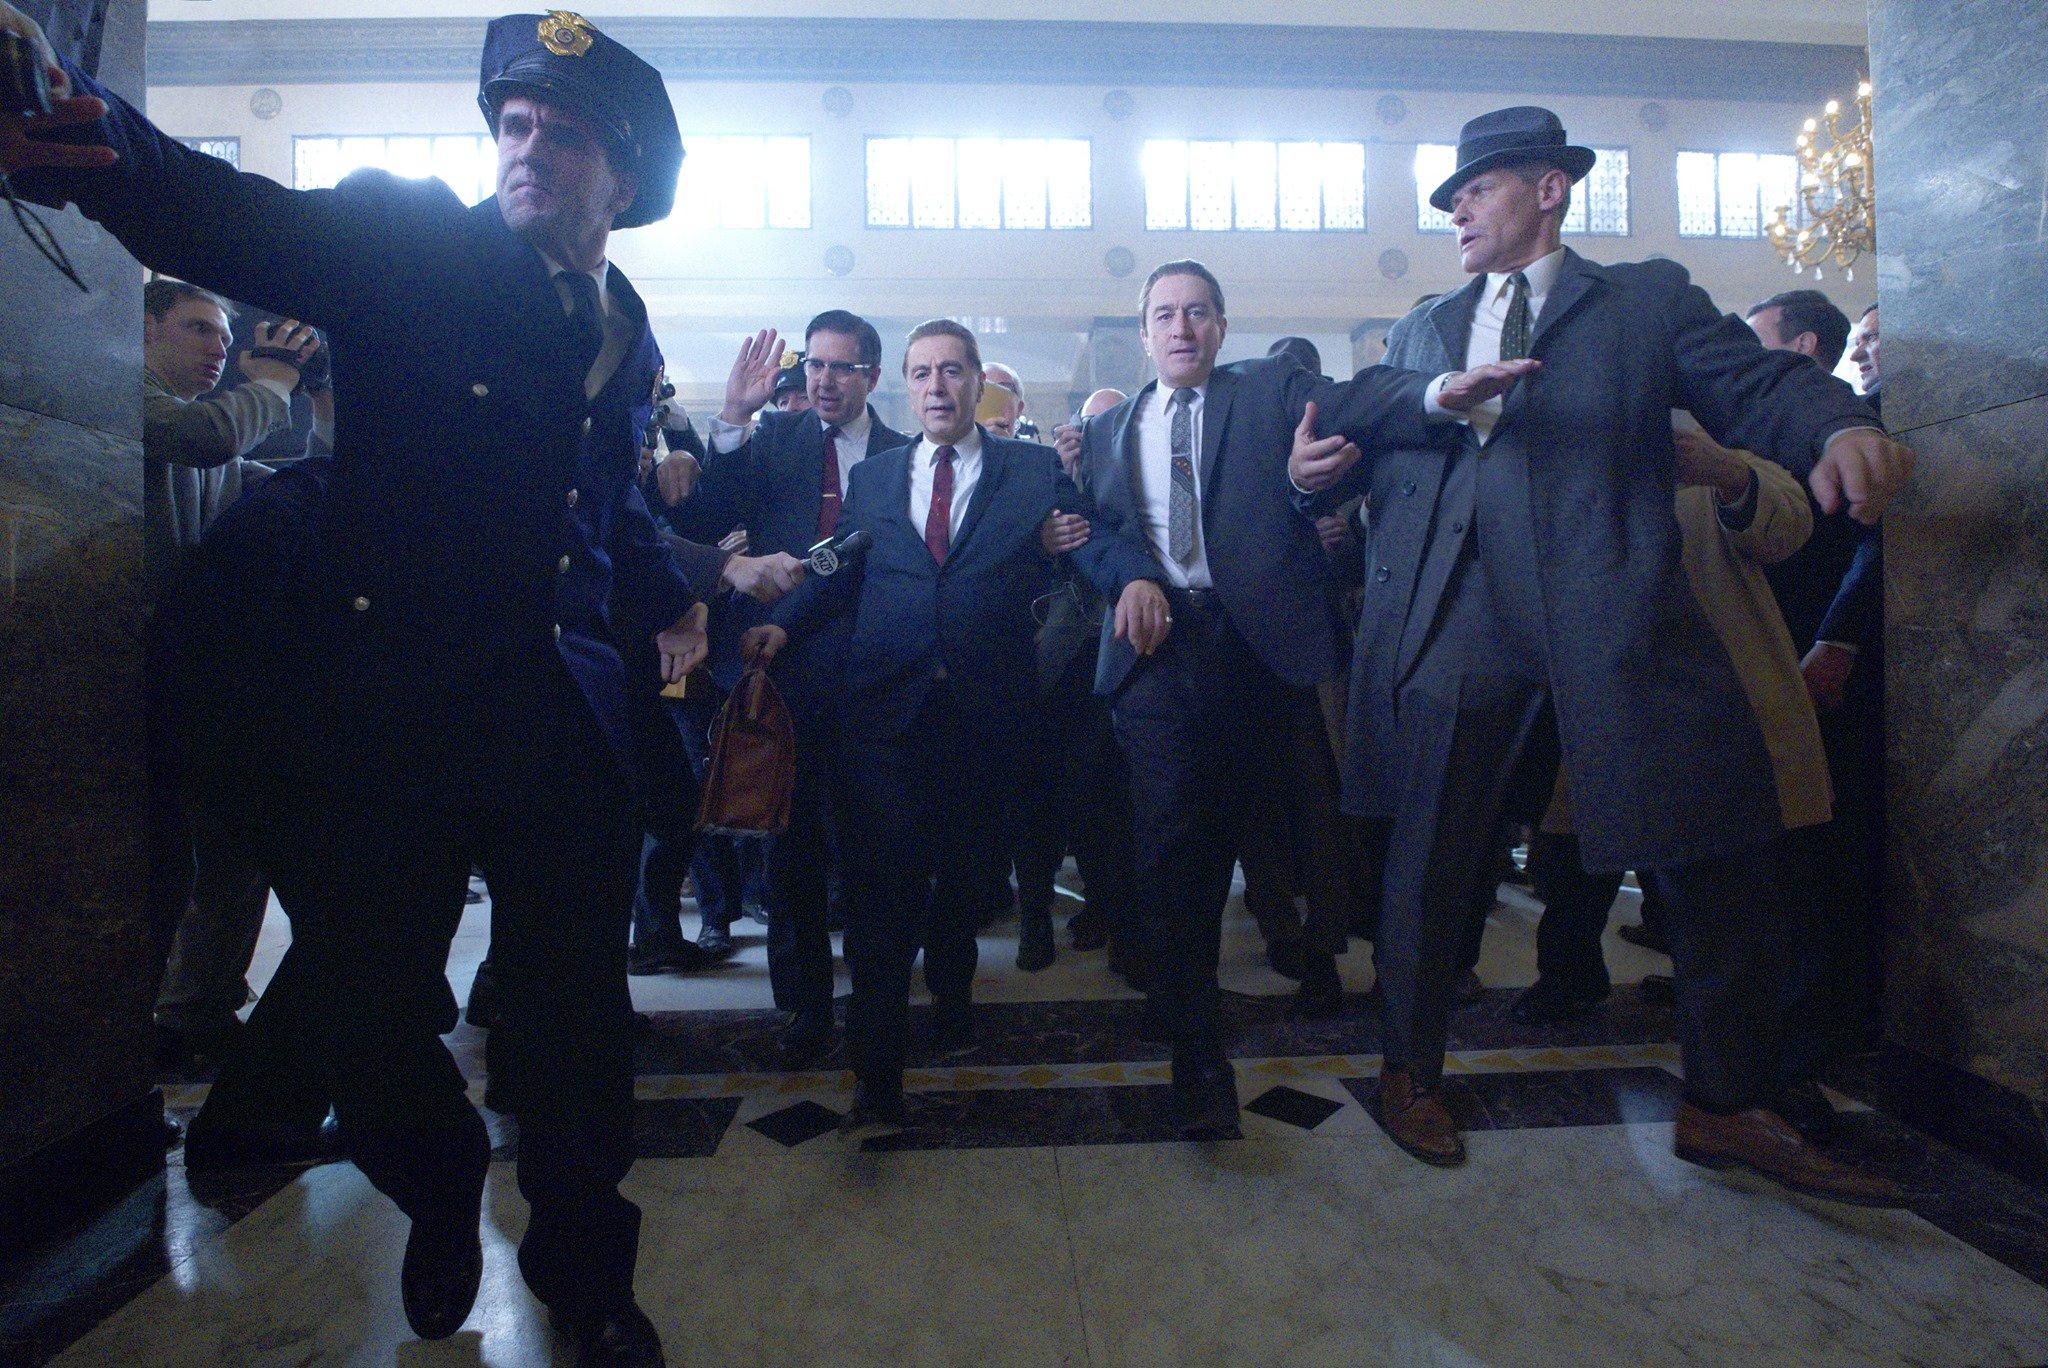 📺 Дивіться перший трейлер стрічки «Ірландець» Скорсезе: у ролях Аль Пачіно та Роберт Де Ніро